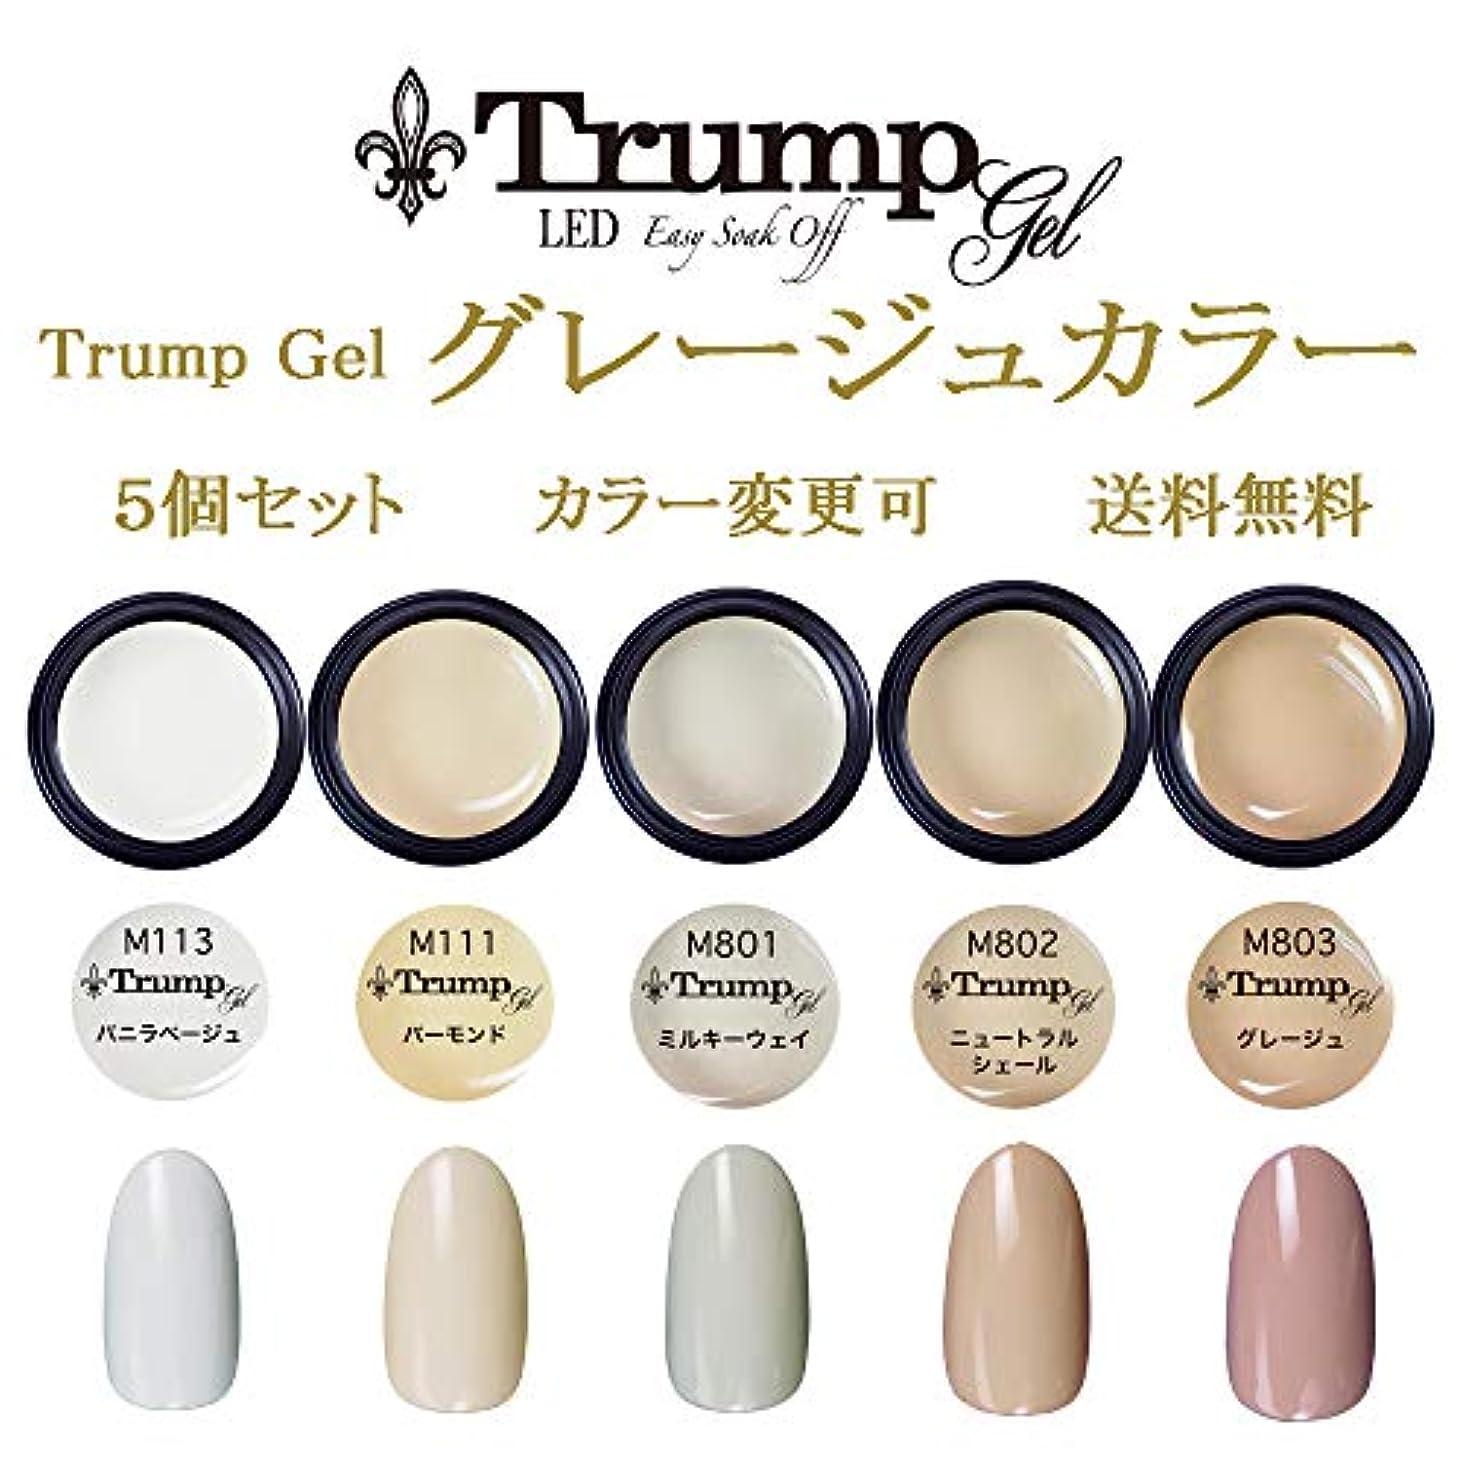 記念興奮する葉を拾う日本製 Trump gel トランプジェル グレージュカラー 選べる カラージェル 5個セット ホワイト ベージュ ピンク スモーク